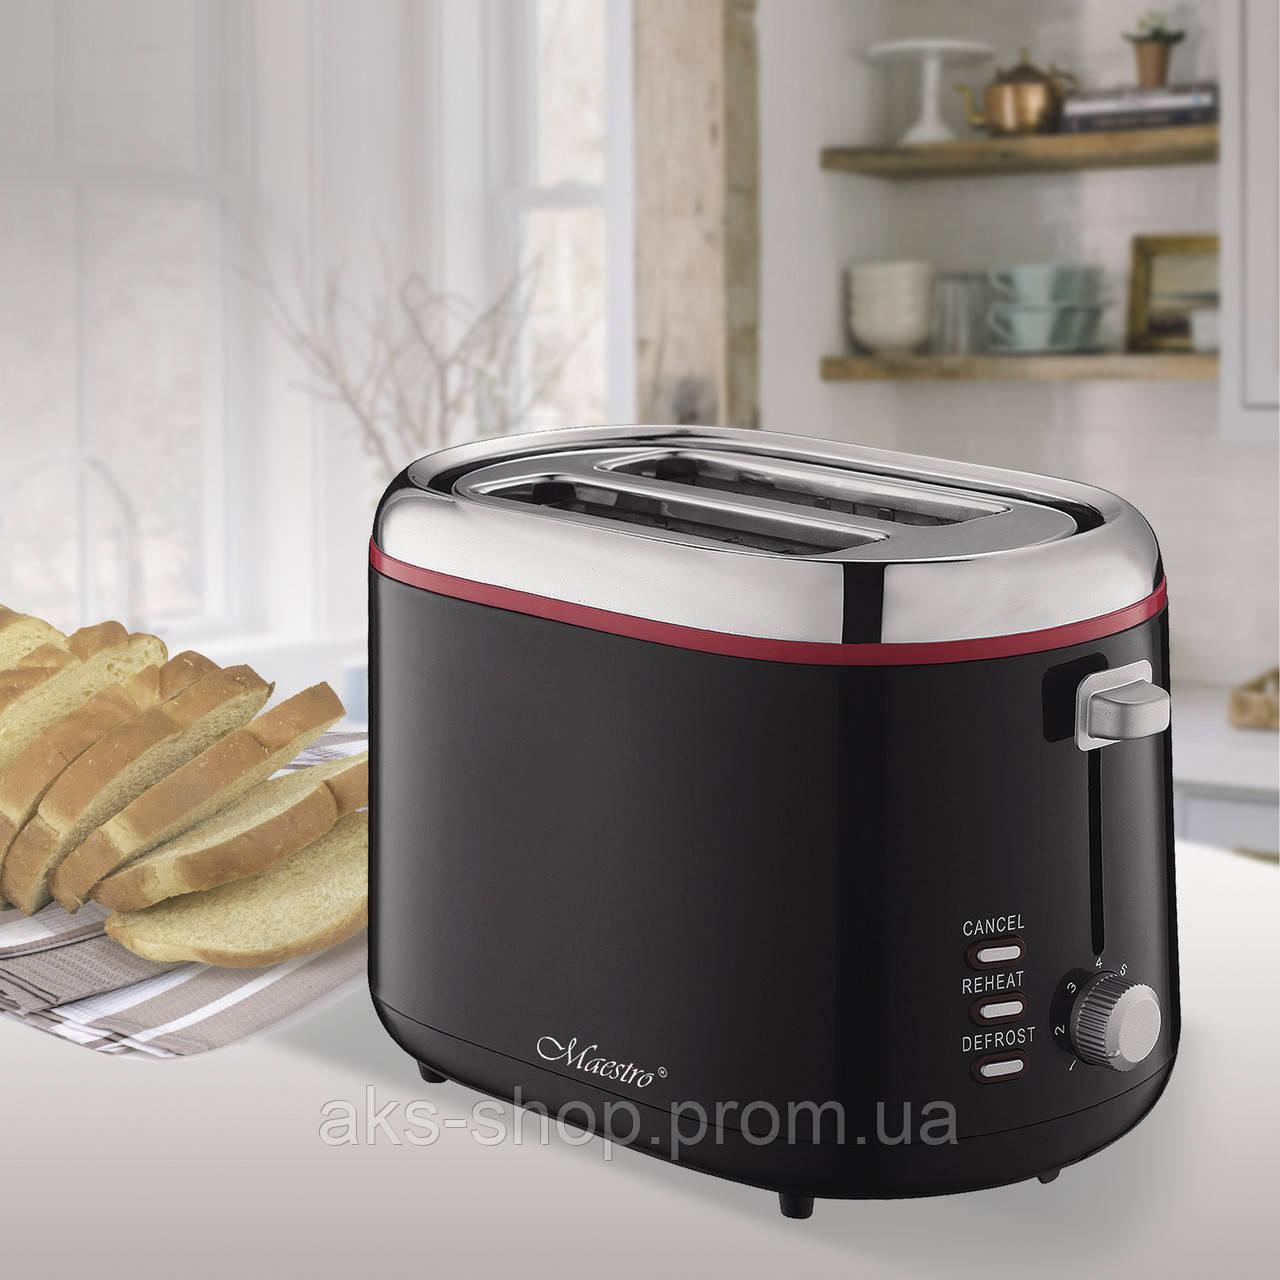 Тостер Maestro MR-705 (850 Вт, функция подогрева, размораживания, съемный поддон для крошек)   тостер Маэстро